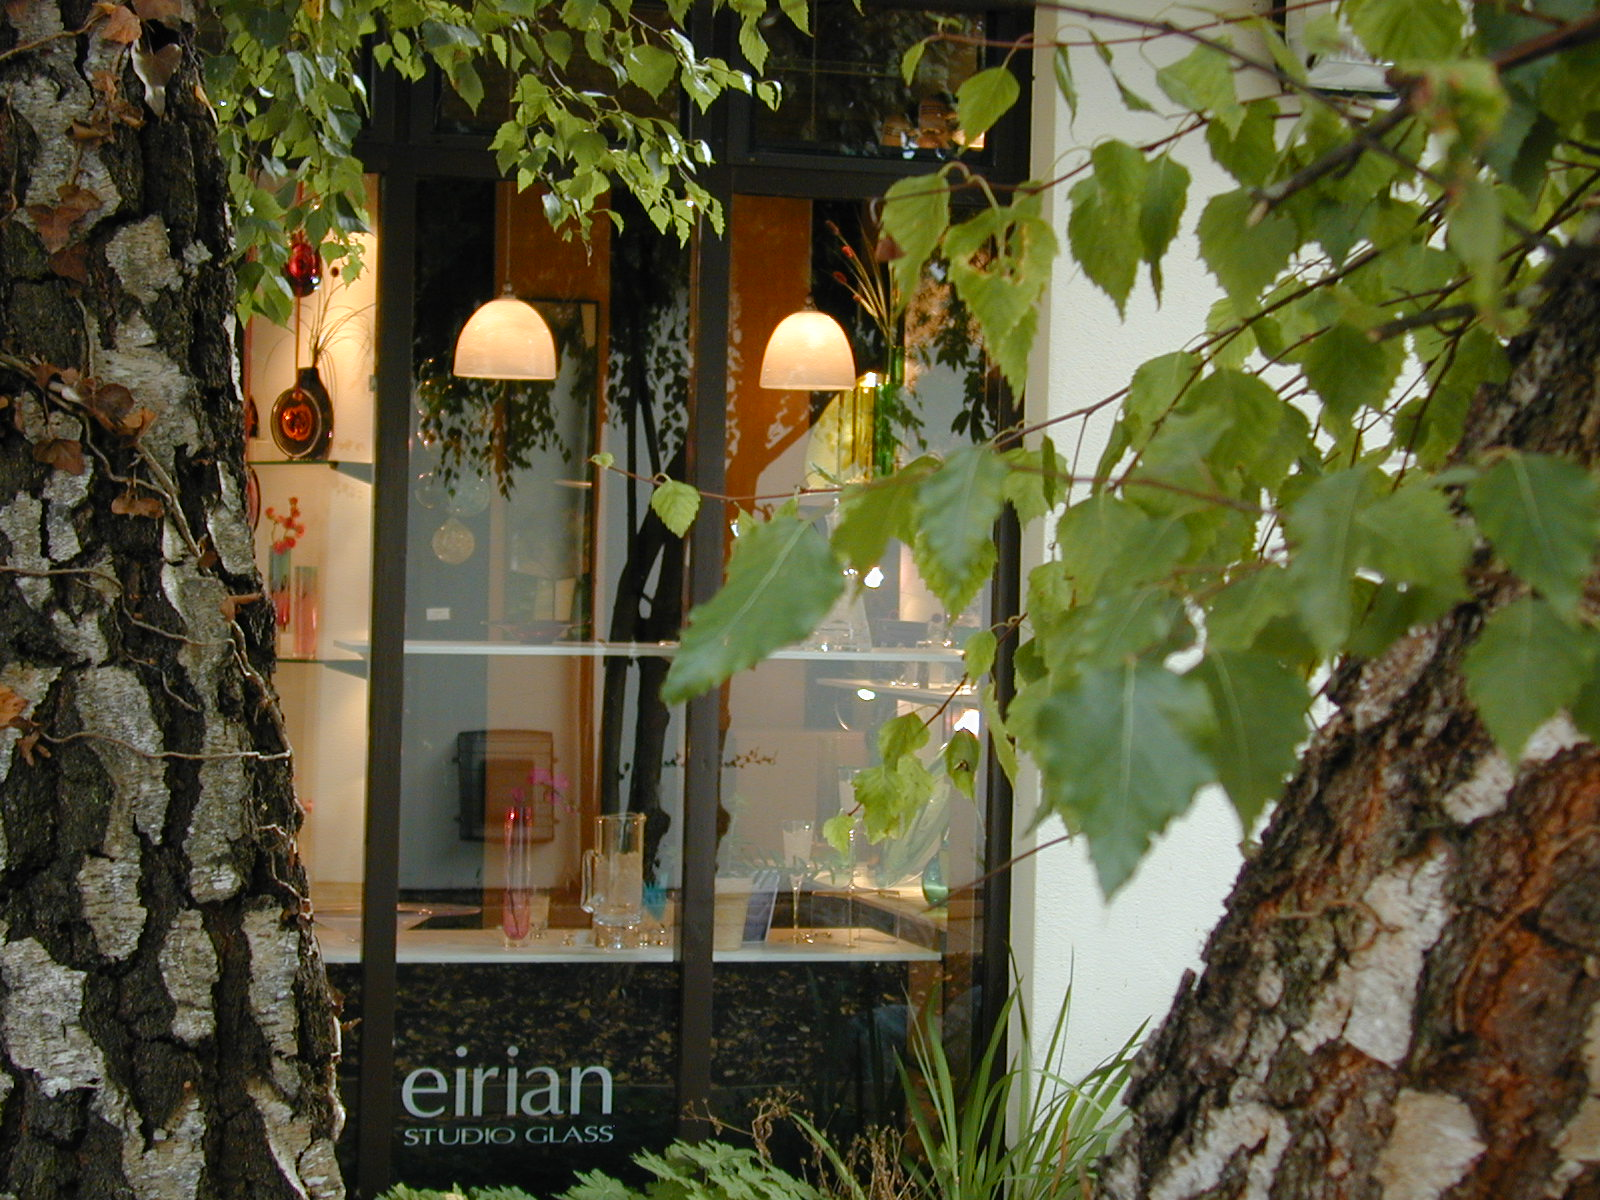 Eirian studio glass,Hay on Wye,Autumn Lookbook